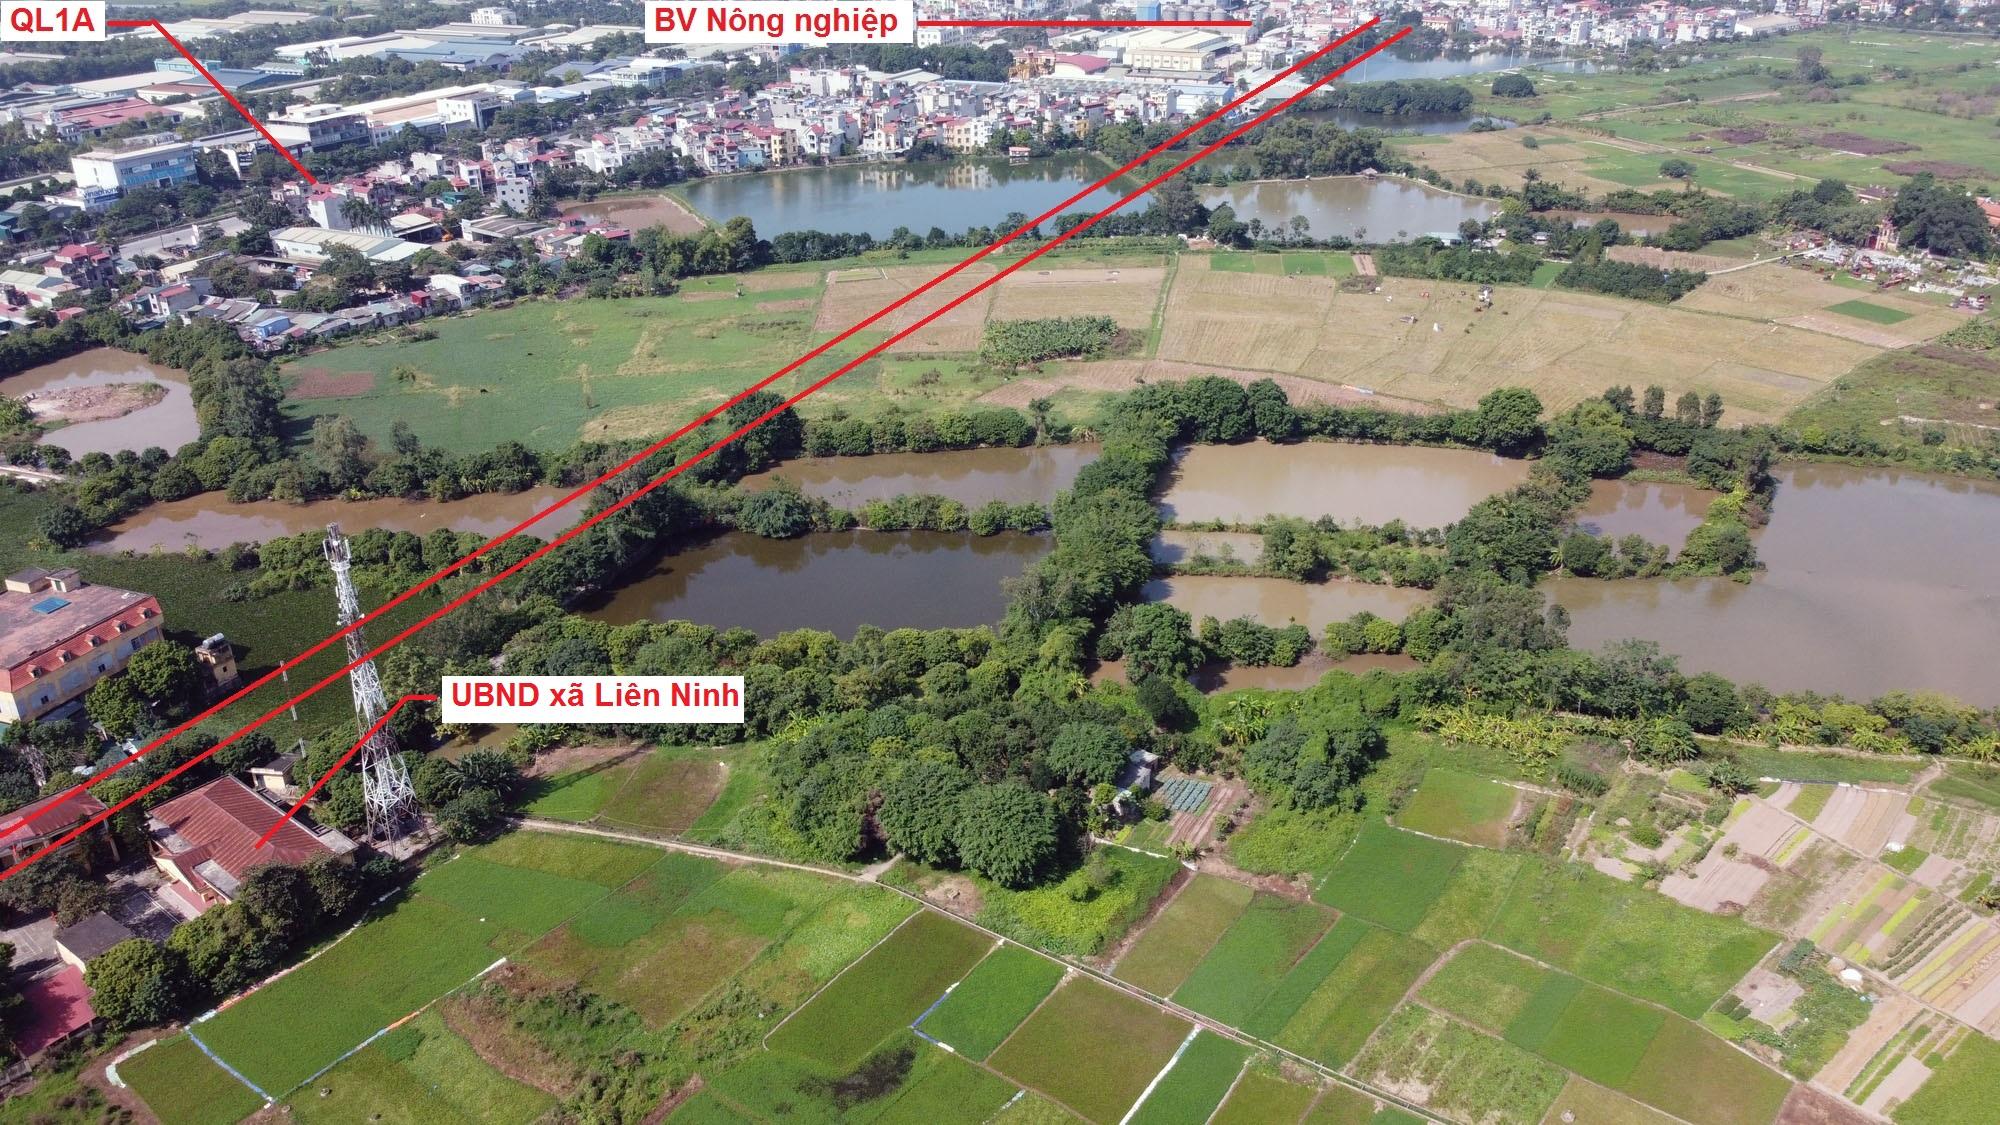 Ba đường sẽ mở theo quy hoạch ở xã Liên Ninh, Thanh Trì, Hà Nội - Ảnh 12.